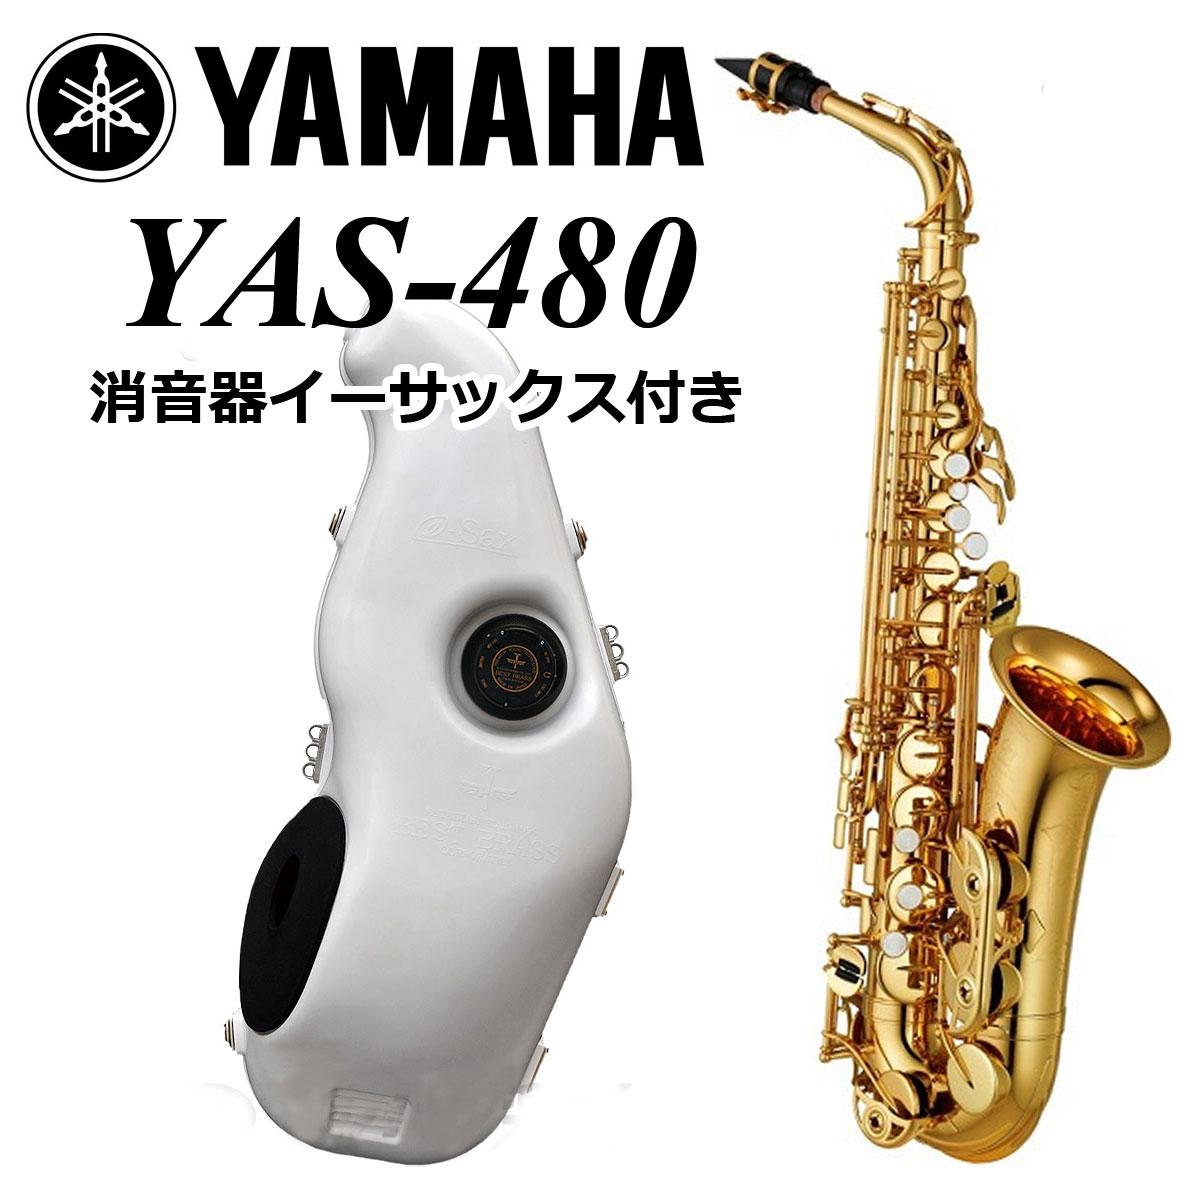 YAMAHA/ヤマハ YAS-480 アルトサックス 【消音器イーサックス付き】【5年保証】【横浜店】